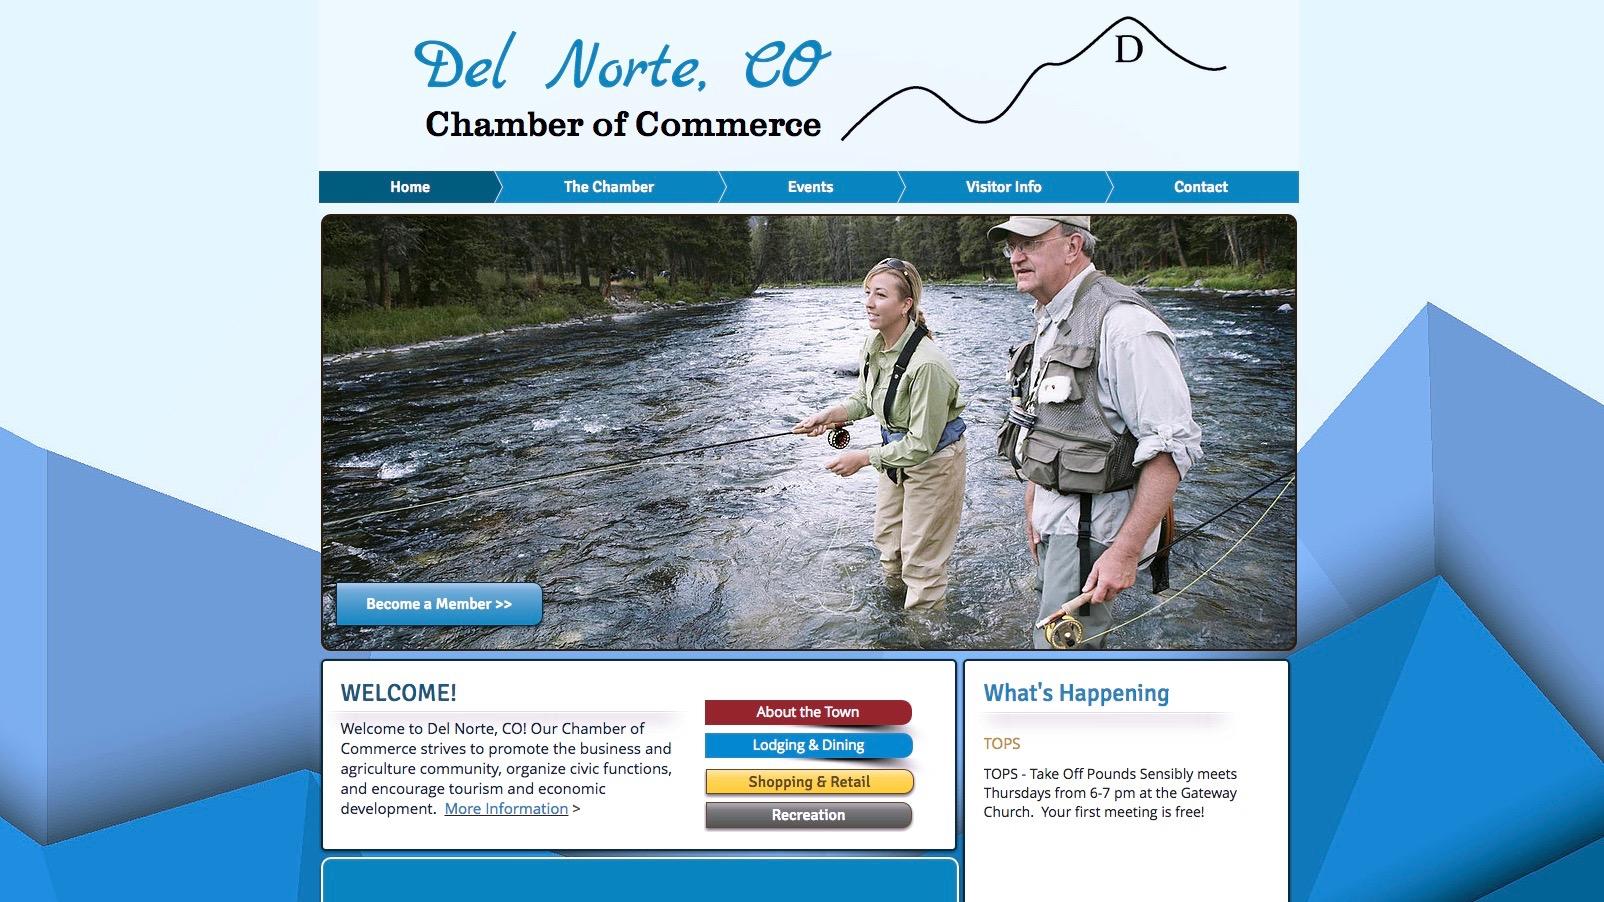 Del Norte website